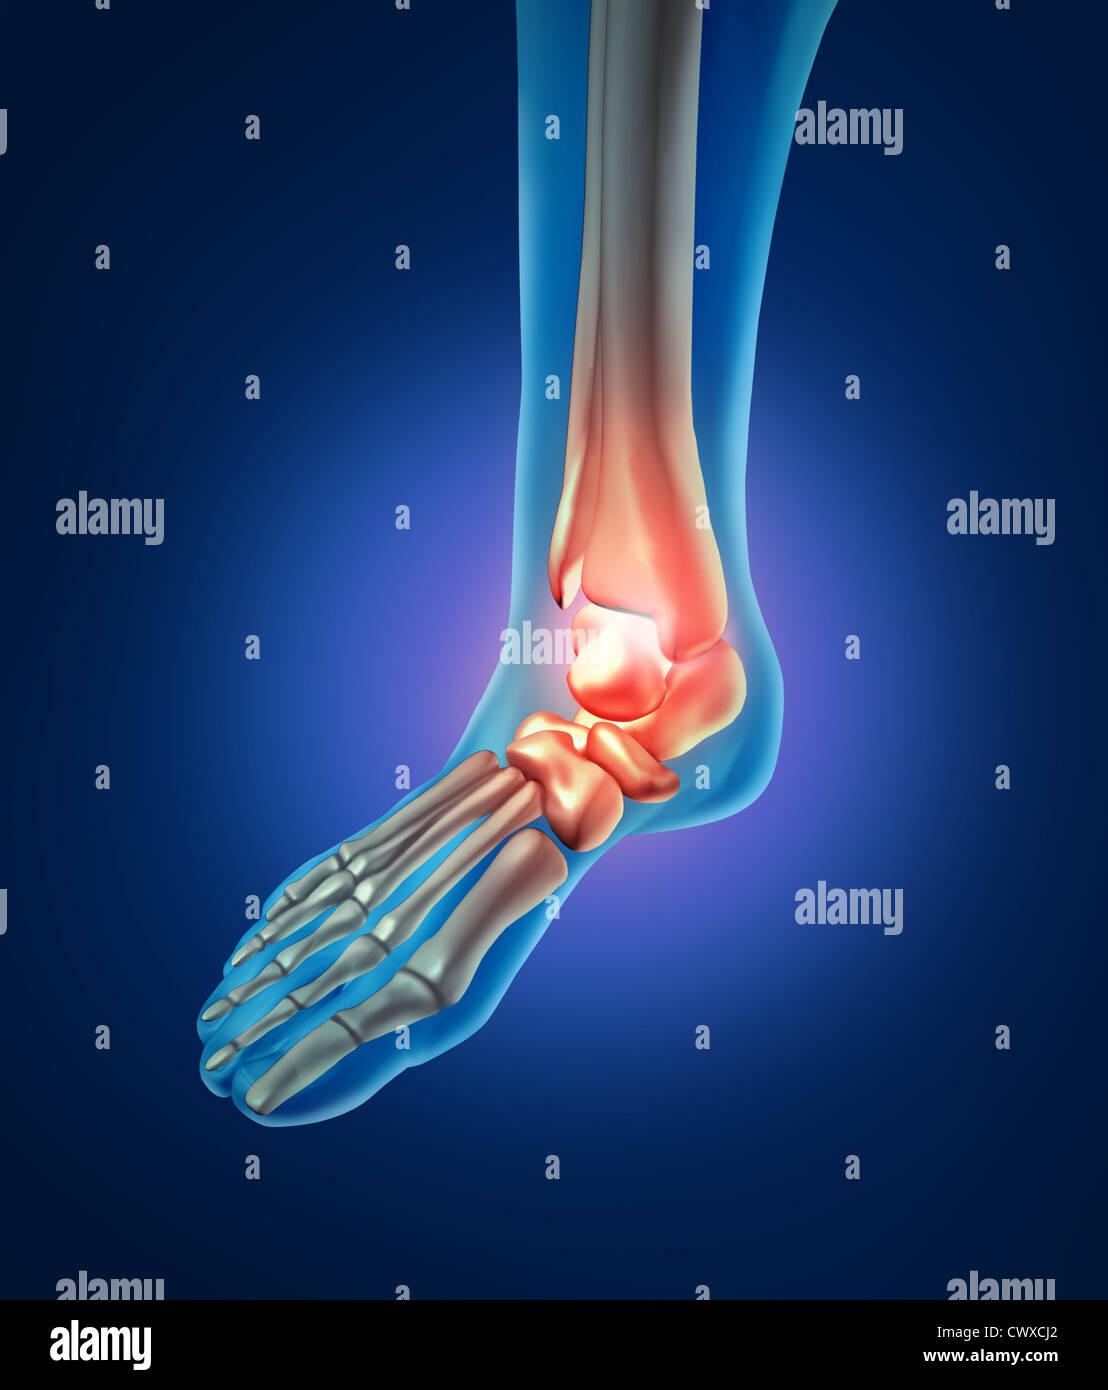 Il dolore del piede con uno scheletro del corpo a piedi parte con le ossa in rosso dove trhere è infiammazione della caviglia che ha un giunto orthoedic pregiudizio causato y bad scarpe o esecuzione di incidente. Foto Stock